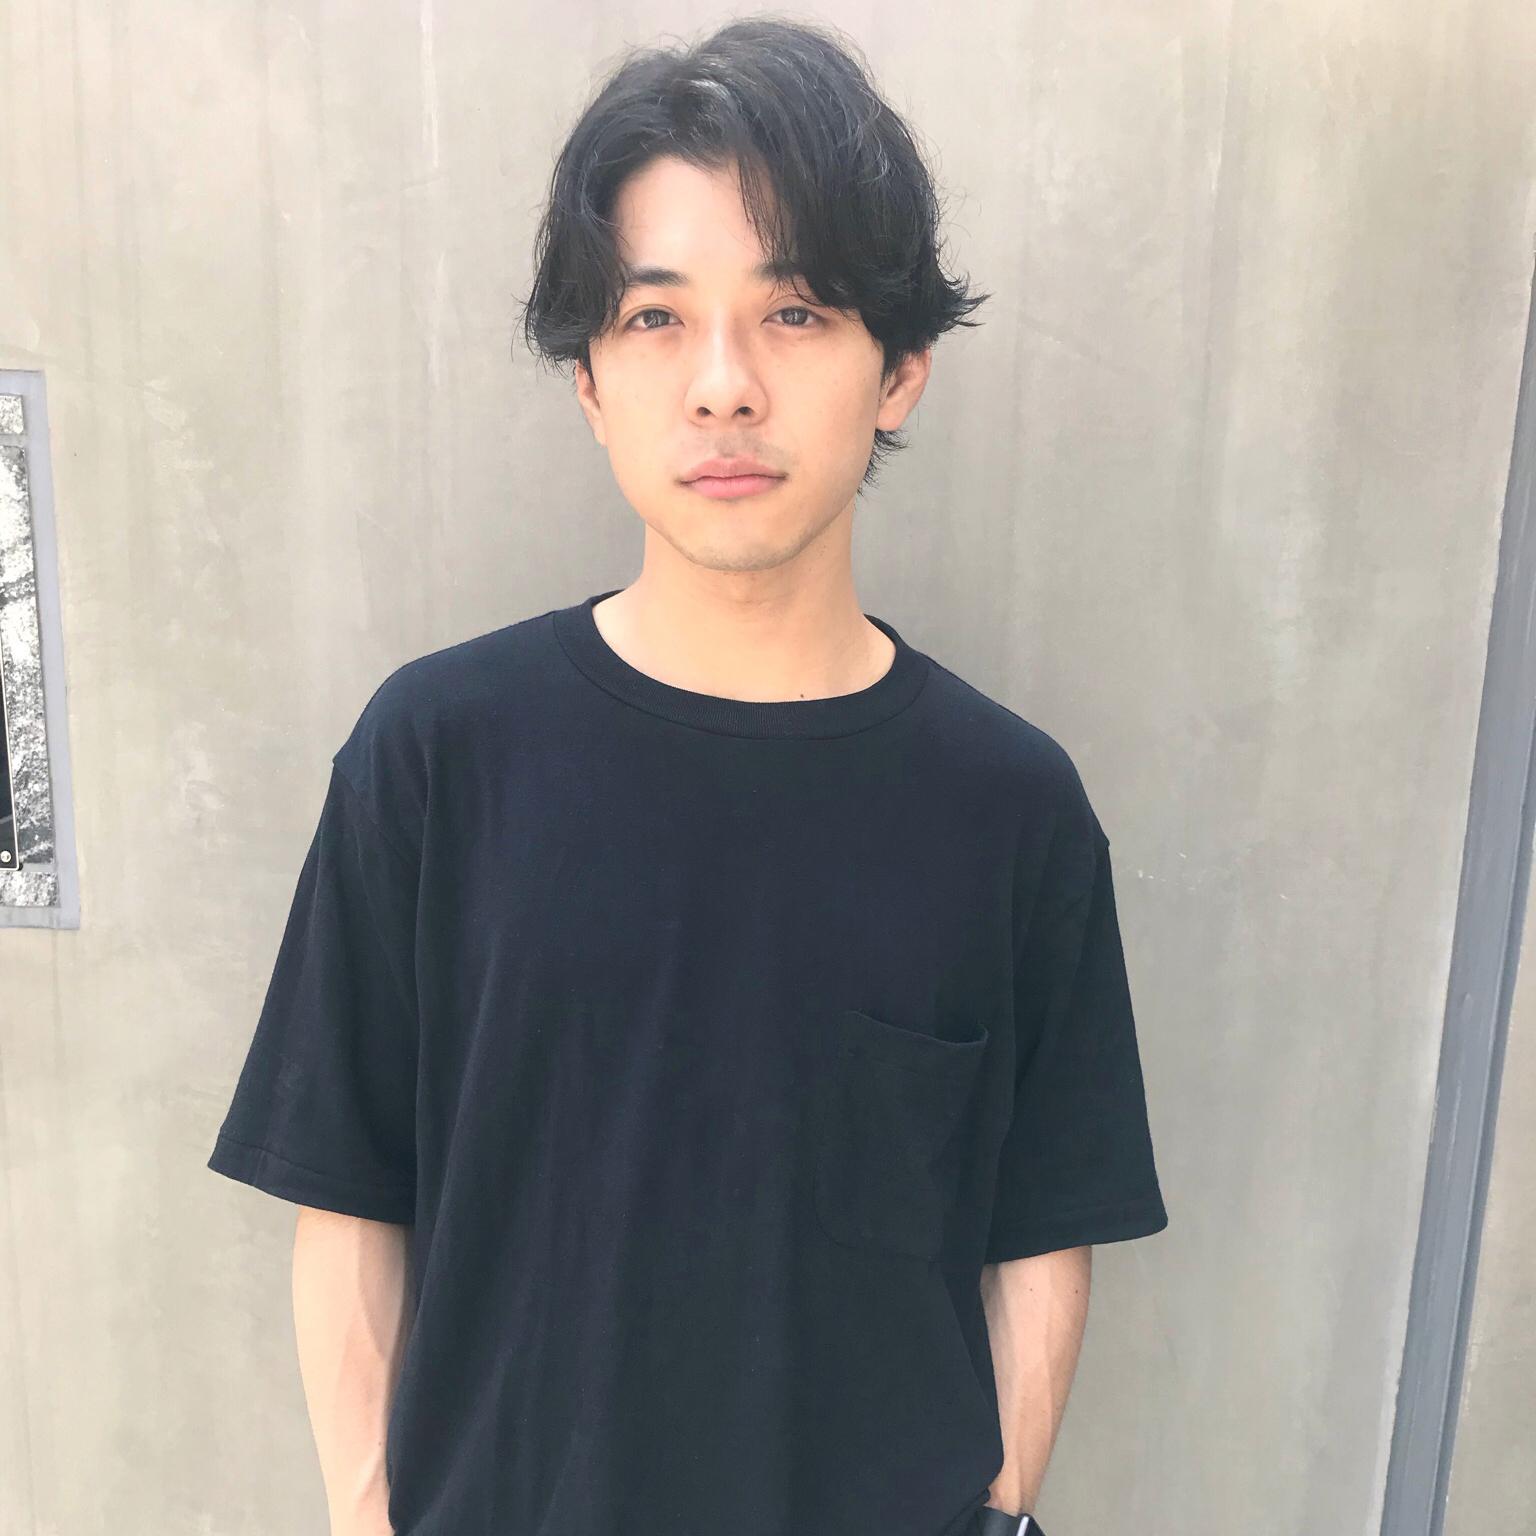 knot 表参道 / タカハシ コウヘイ